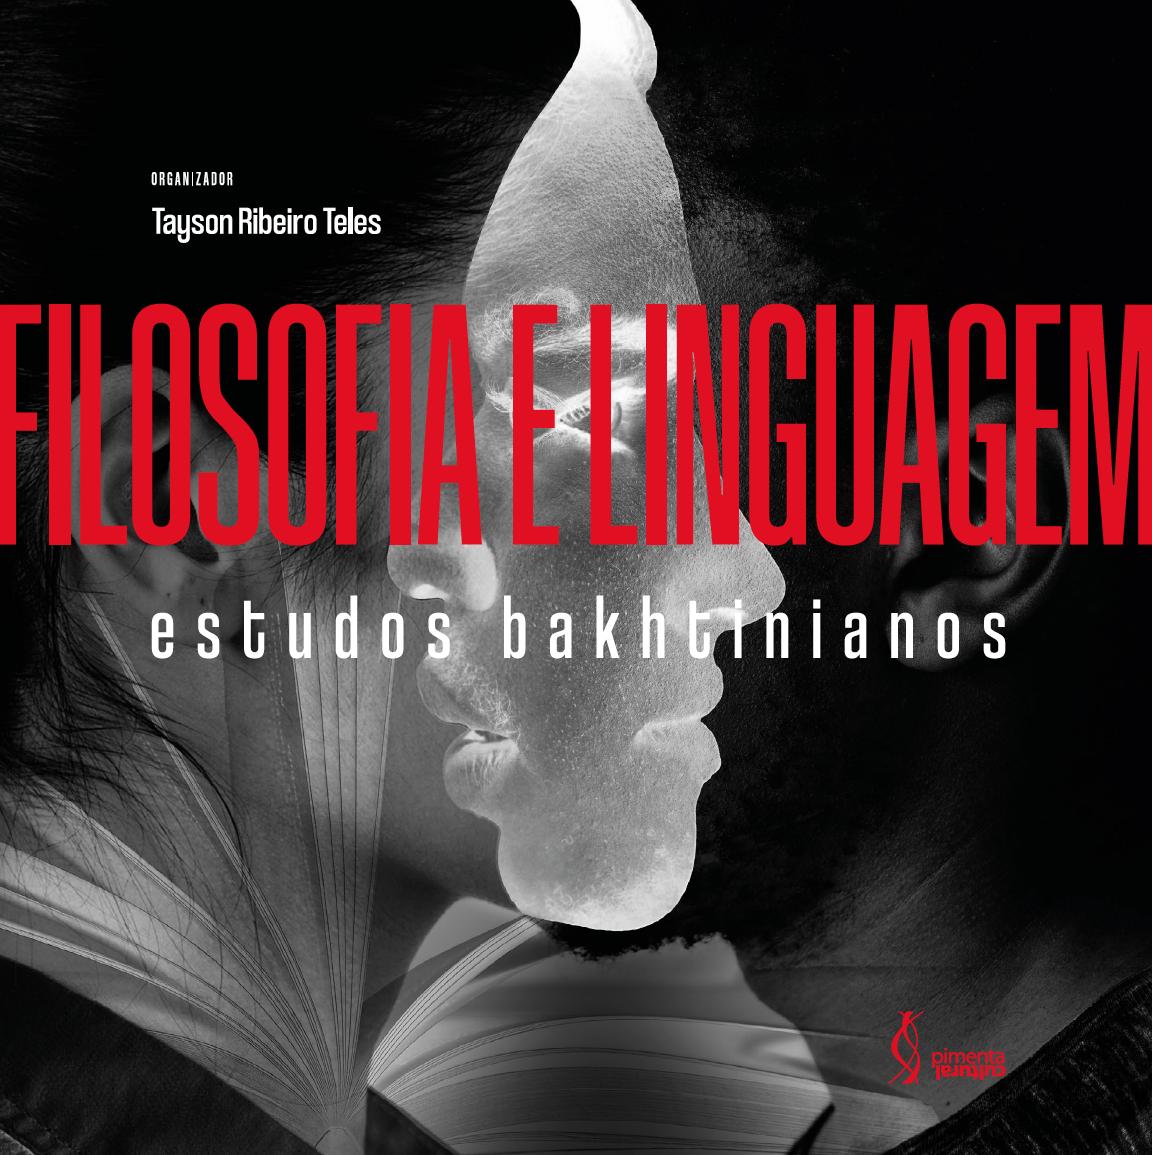 Filosofia e linguagem